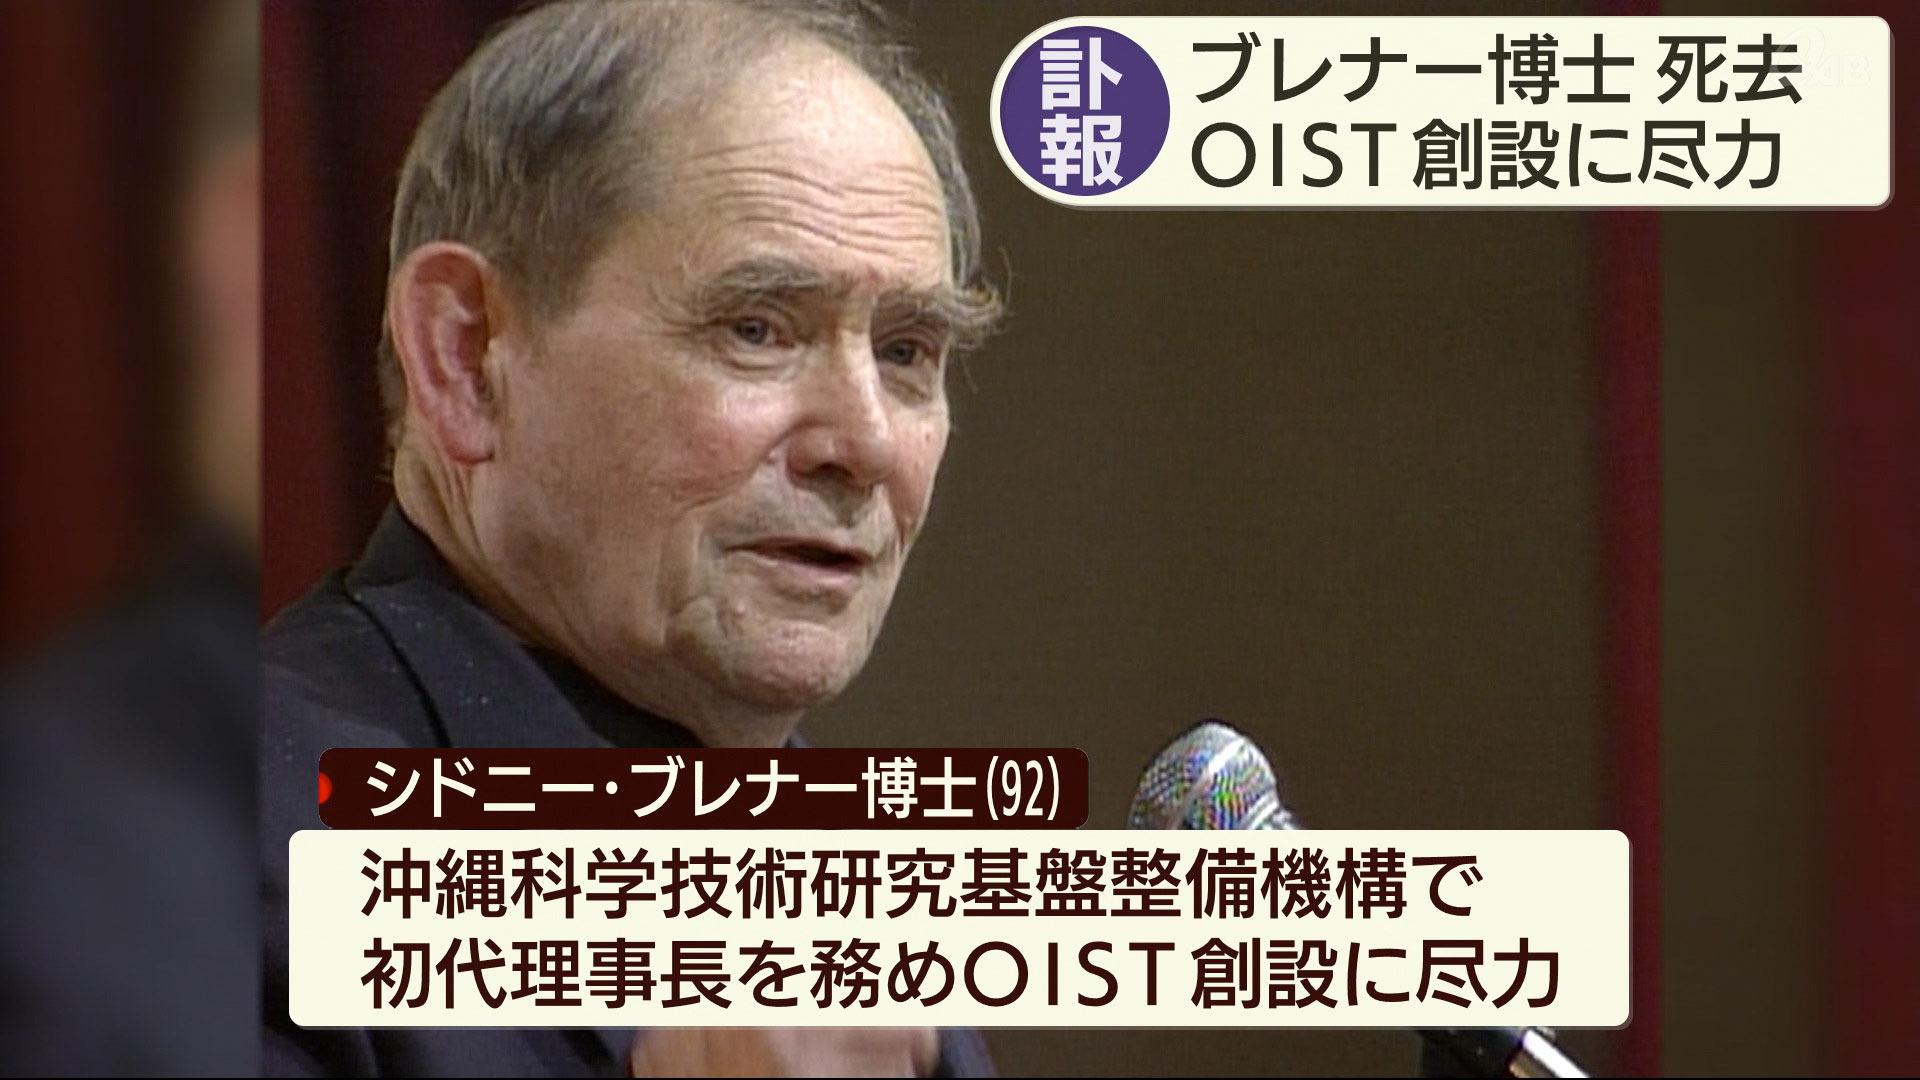 シドニー・ブレナー博士死去 OIST創設に尽力